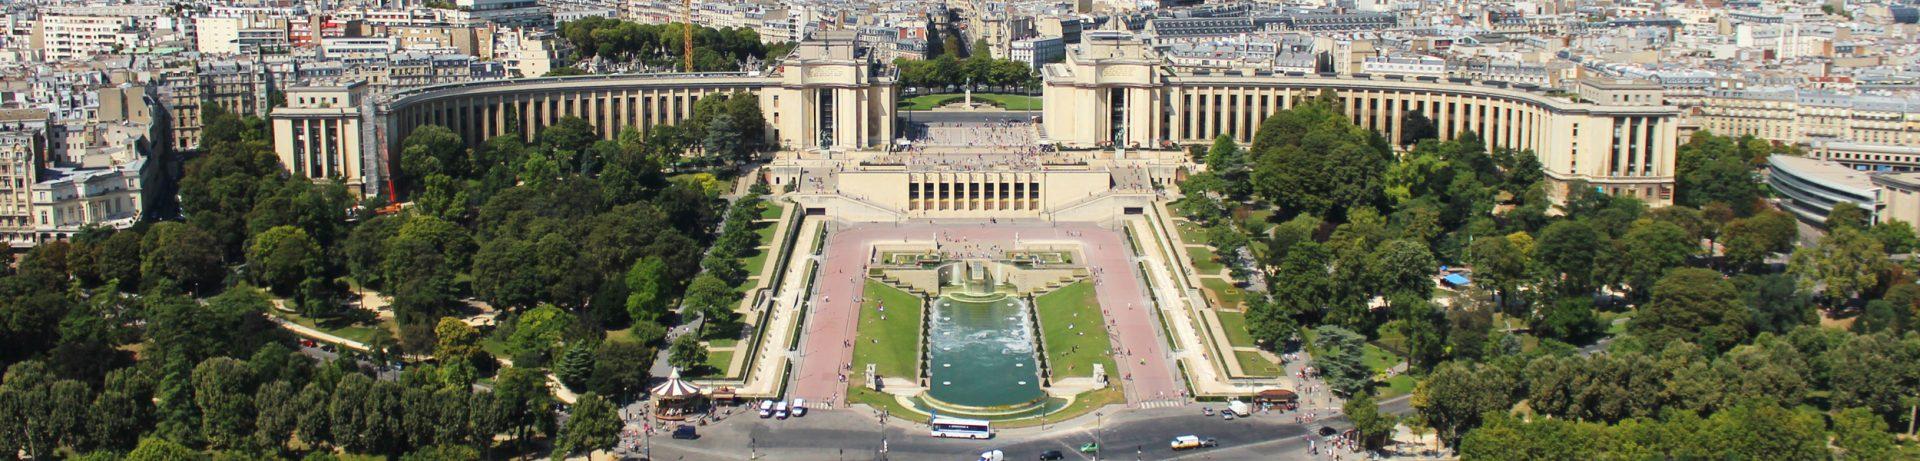 Przewodnik po Paryżu - Plac Trocadero